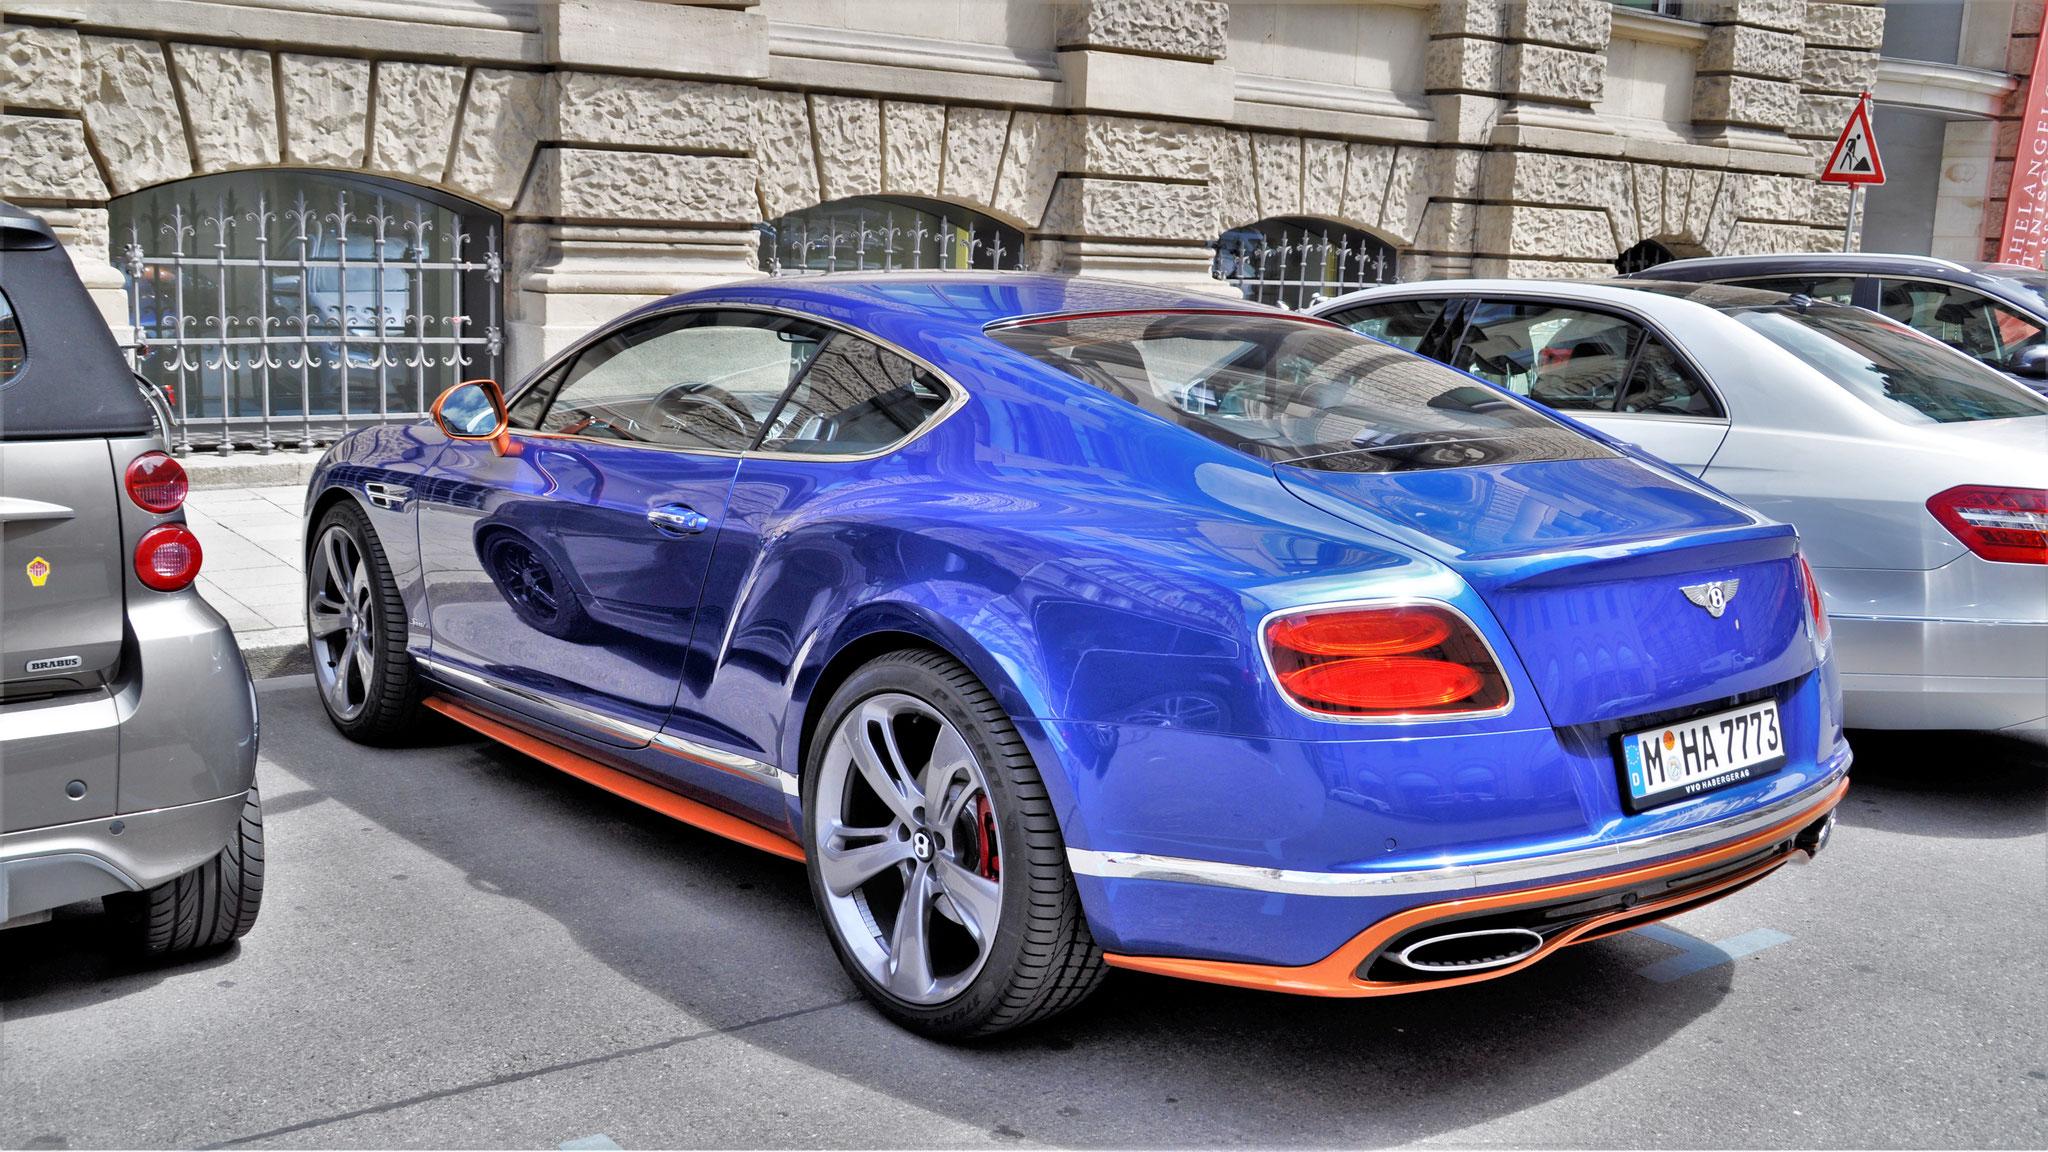 Bentley Continental GT Speed - M-HA-7773